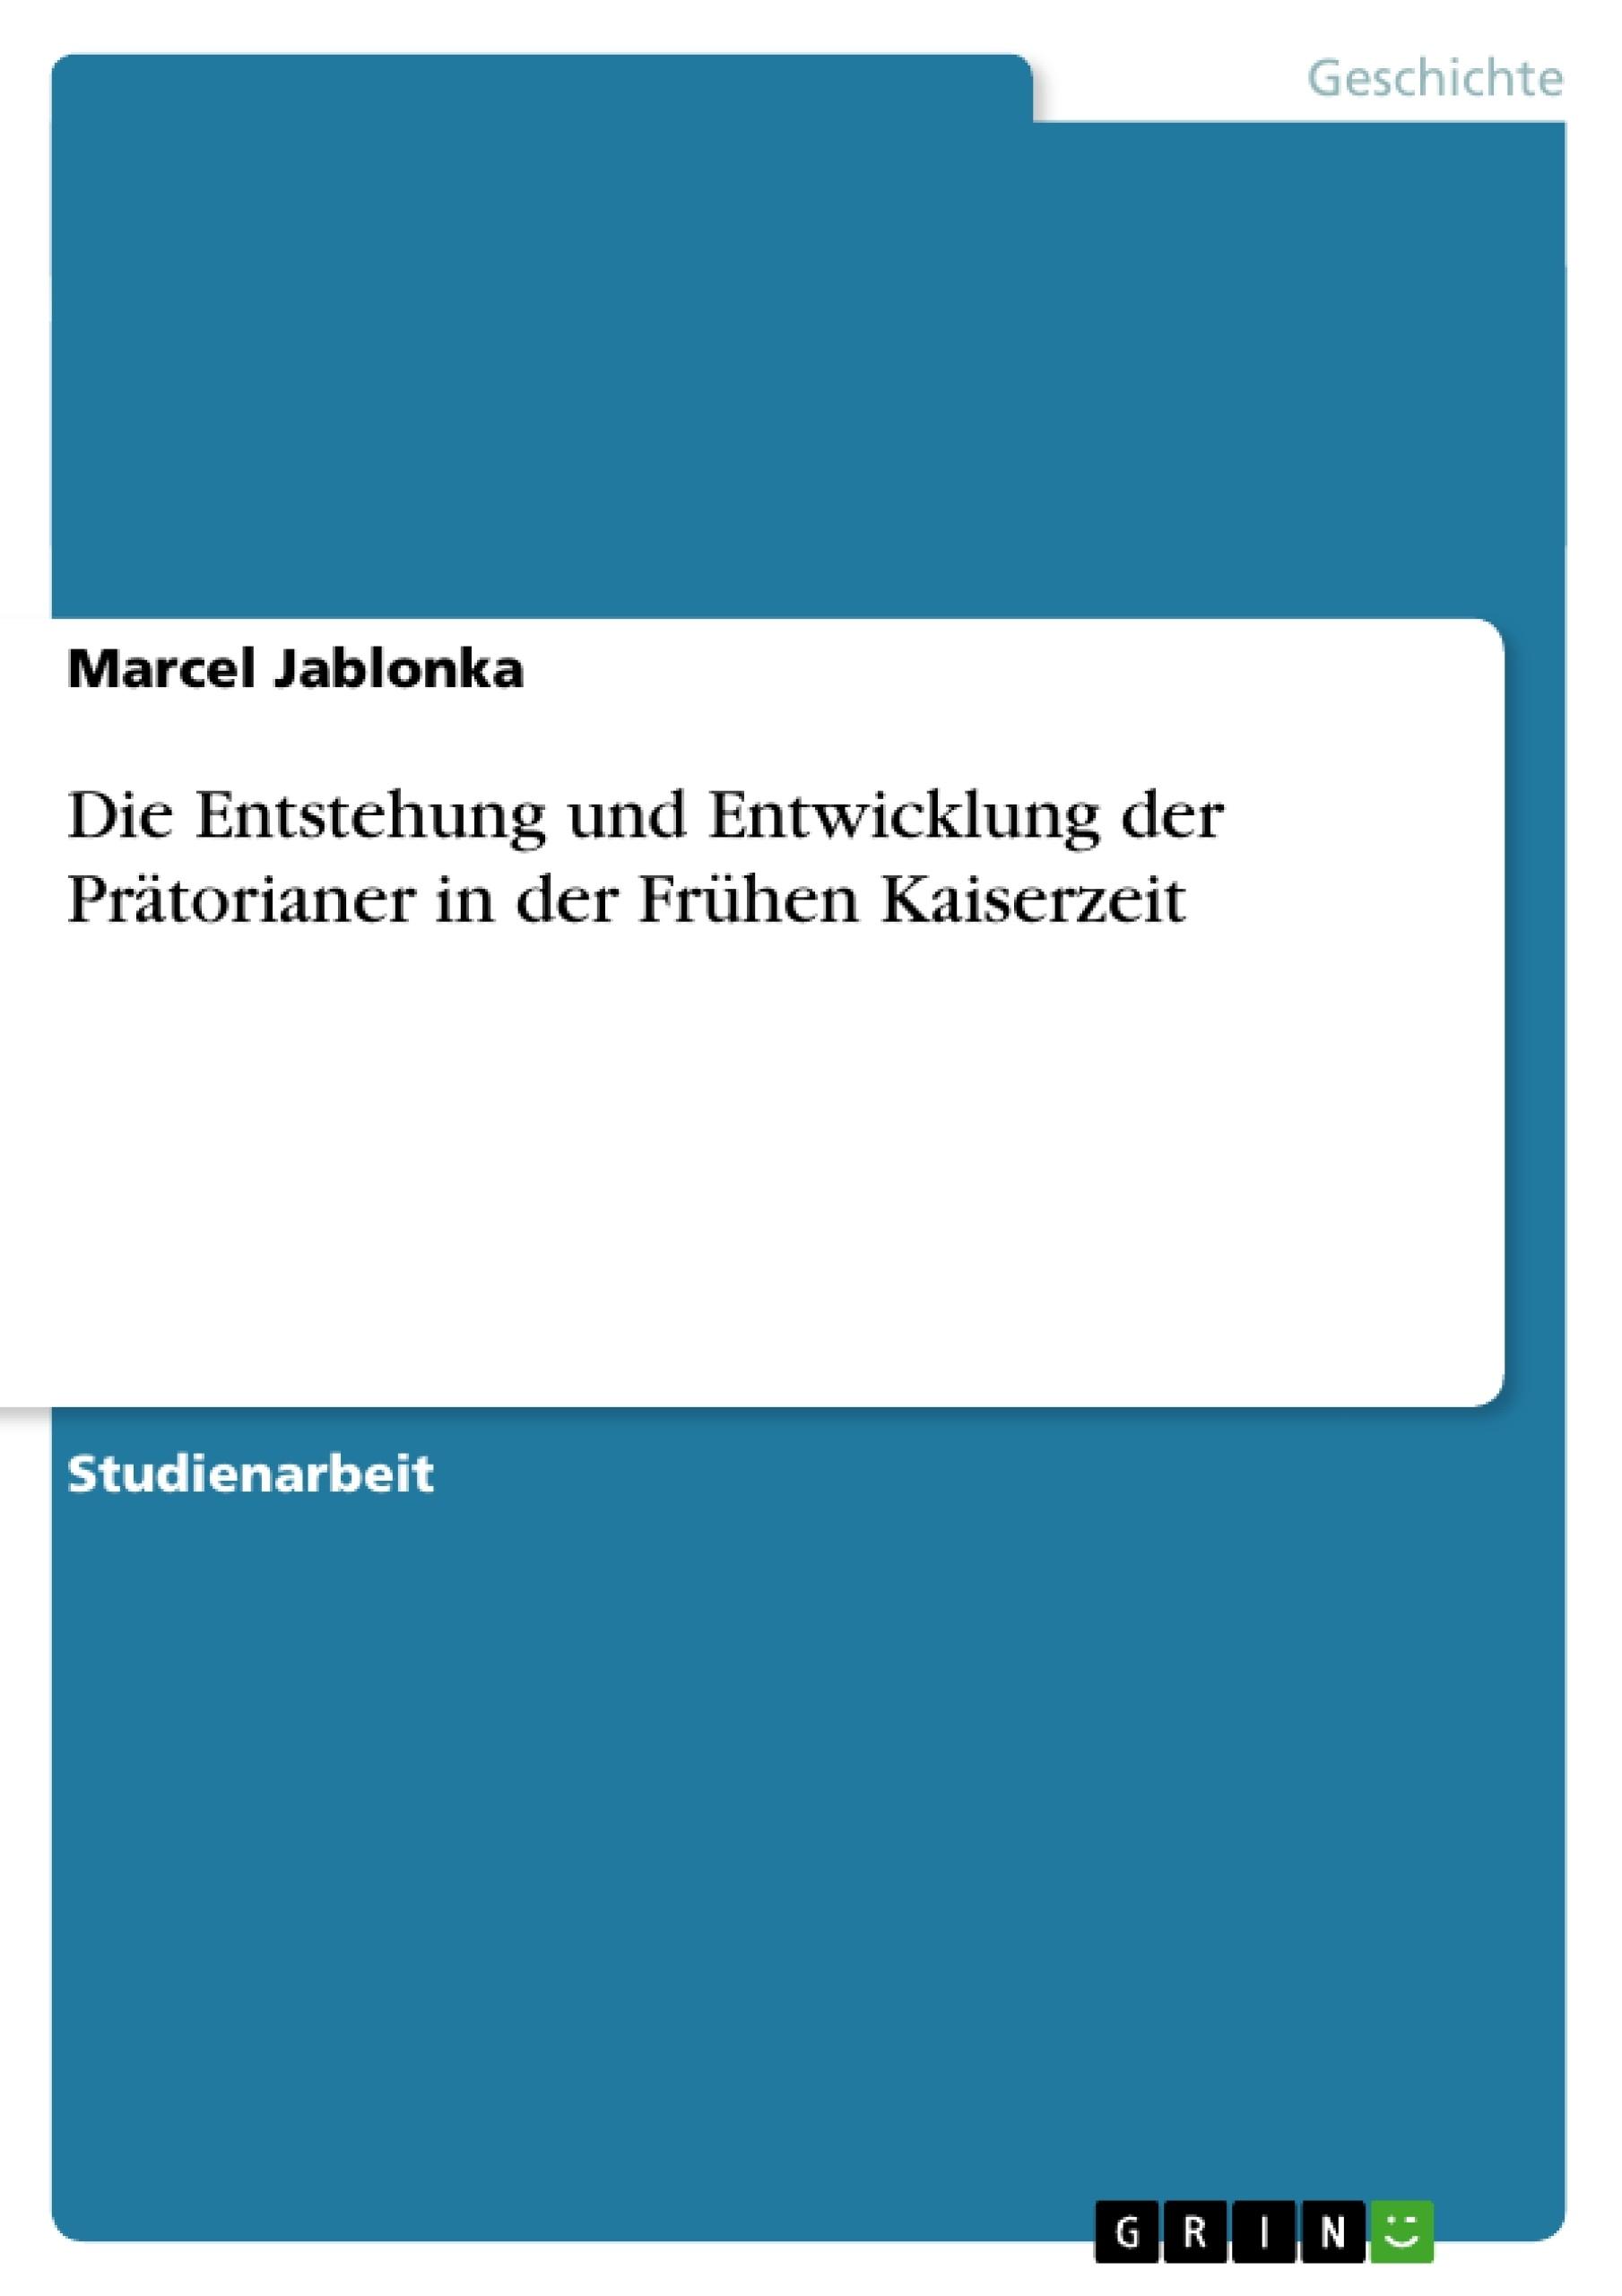 Titel: Die Entstehung und Entwicklung der Prätorianer in der Frühen Kaiserzeit